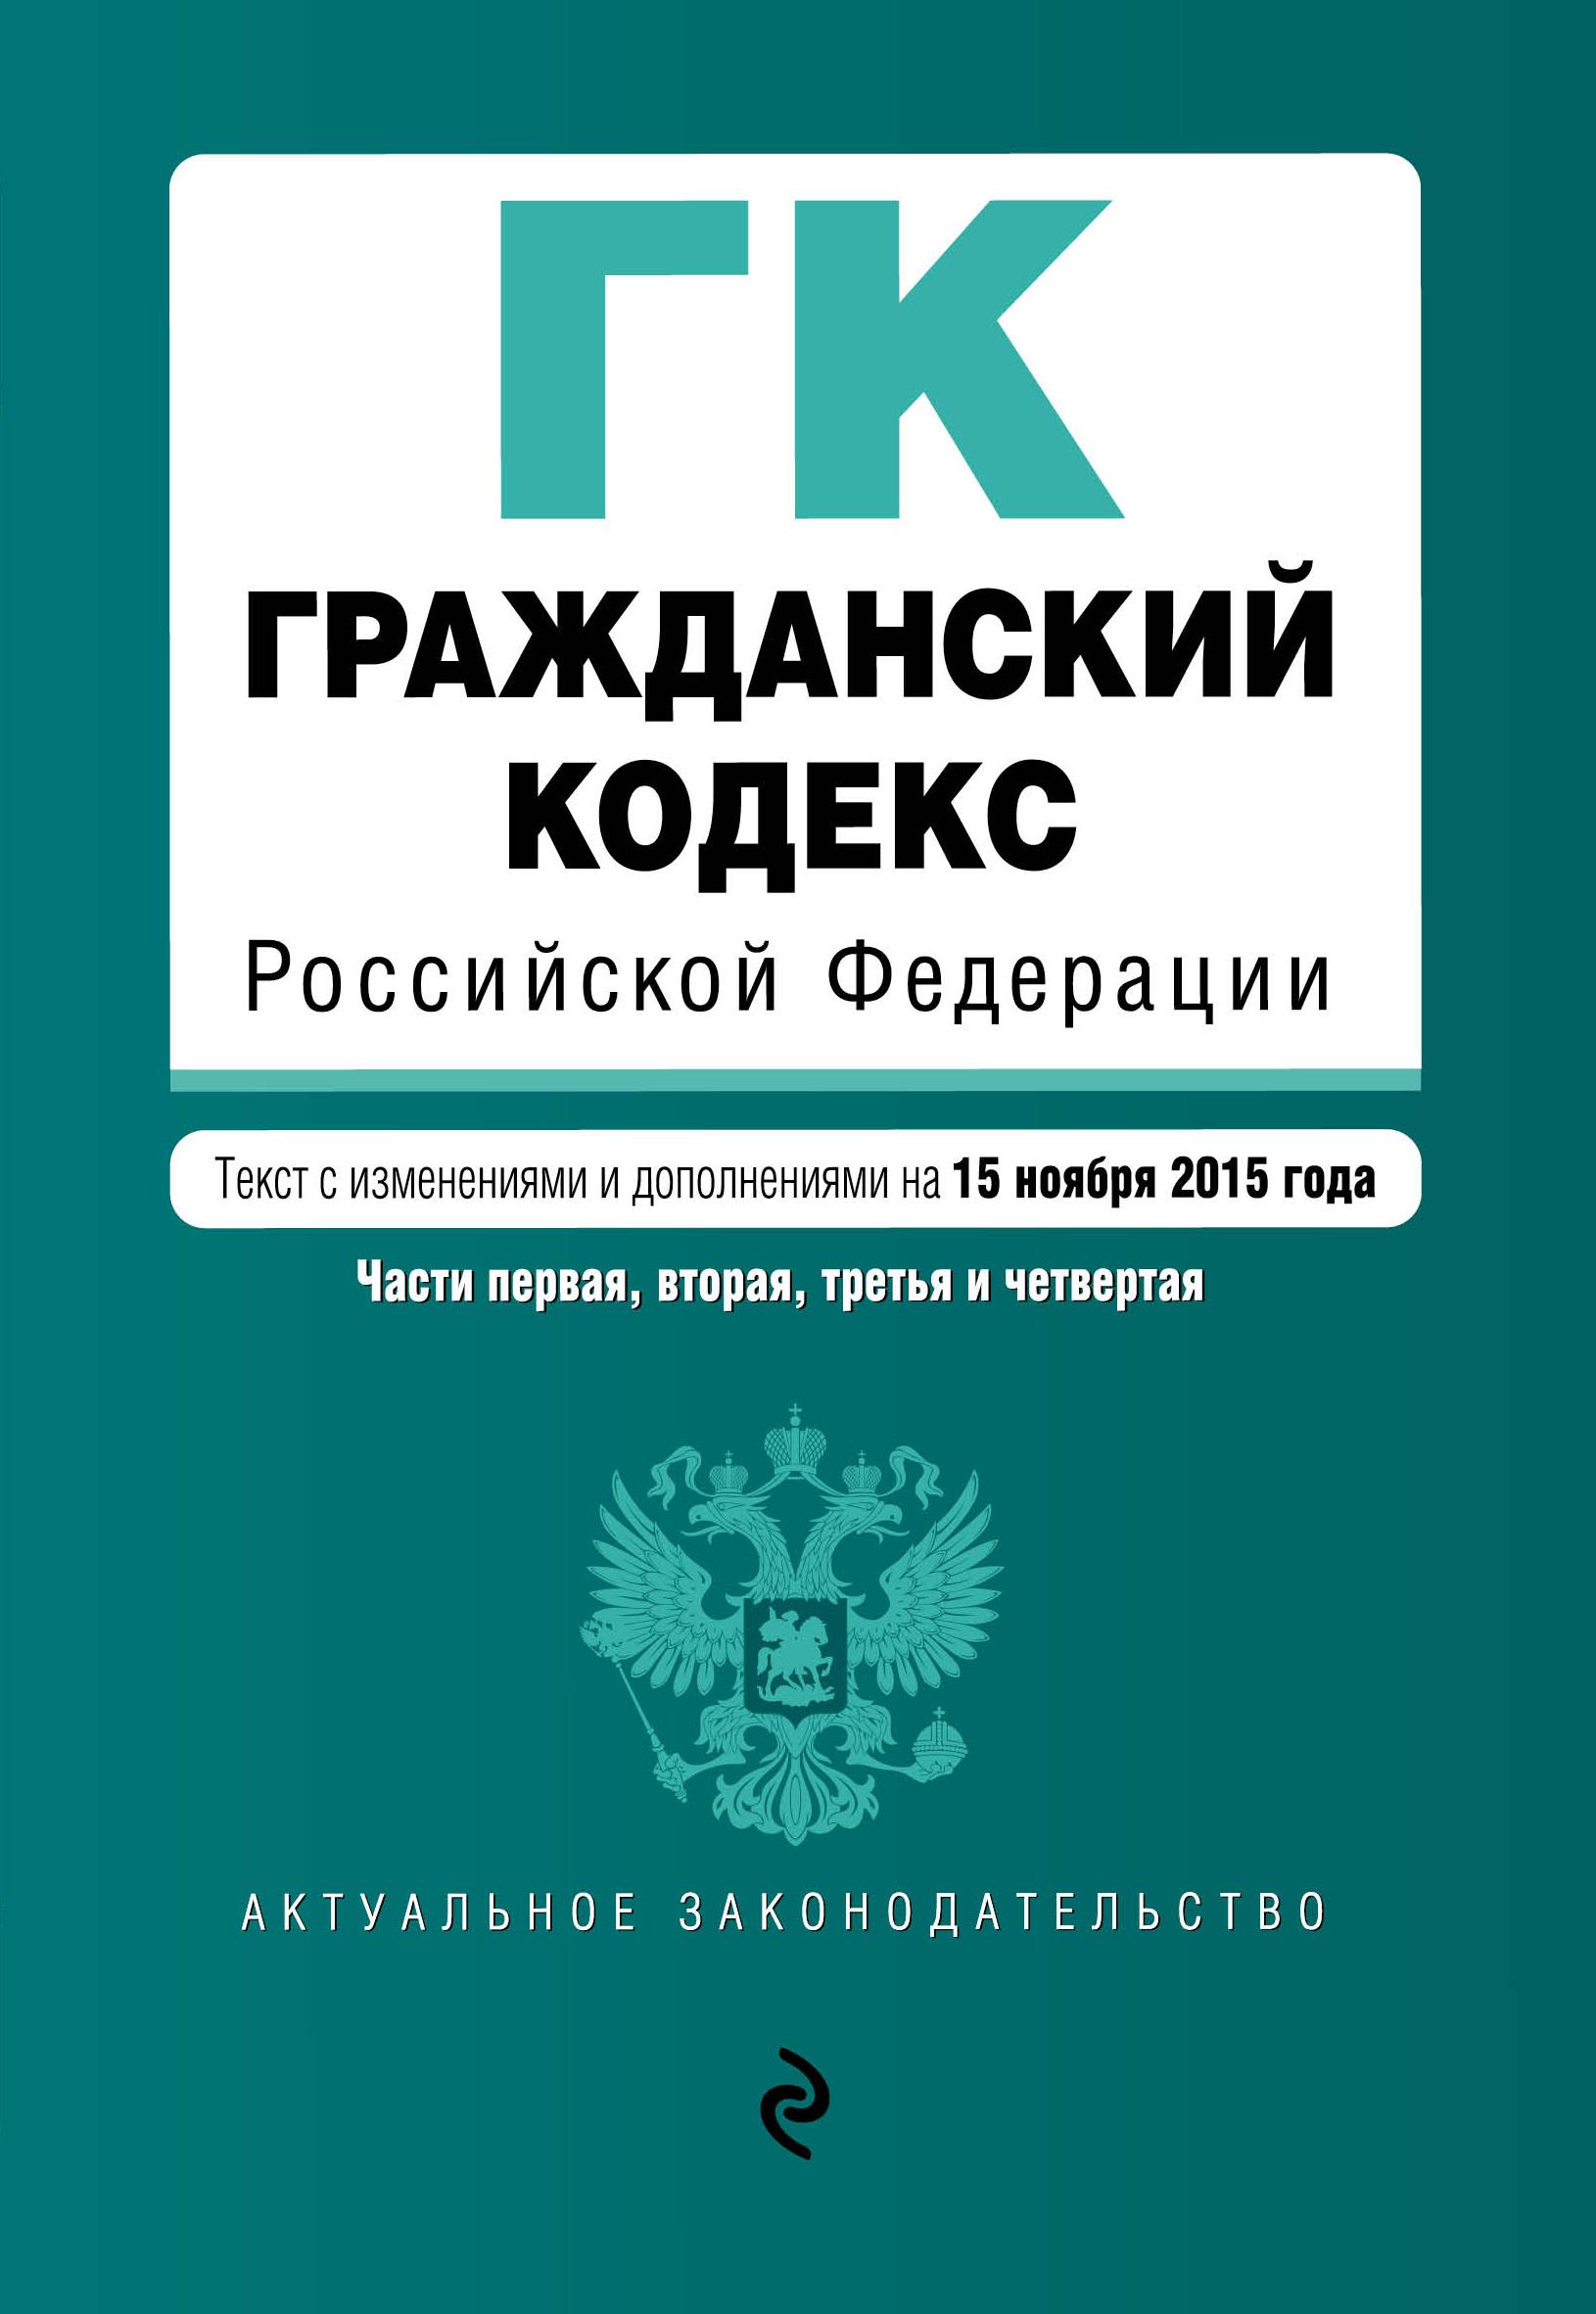 Гражданский кодекс рф 2020 с комментариями. последняя действующая редакция гк рф (n 51-фз) с изменениями и дополнениями